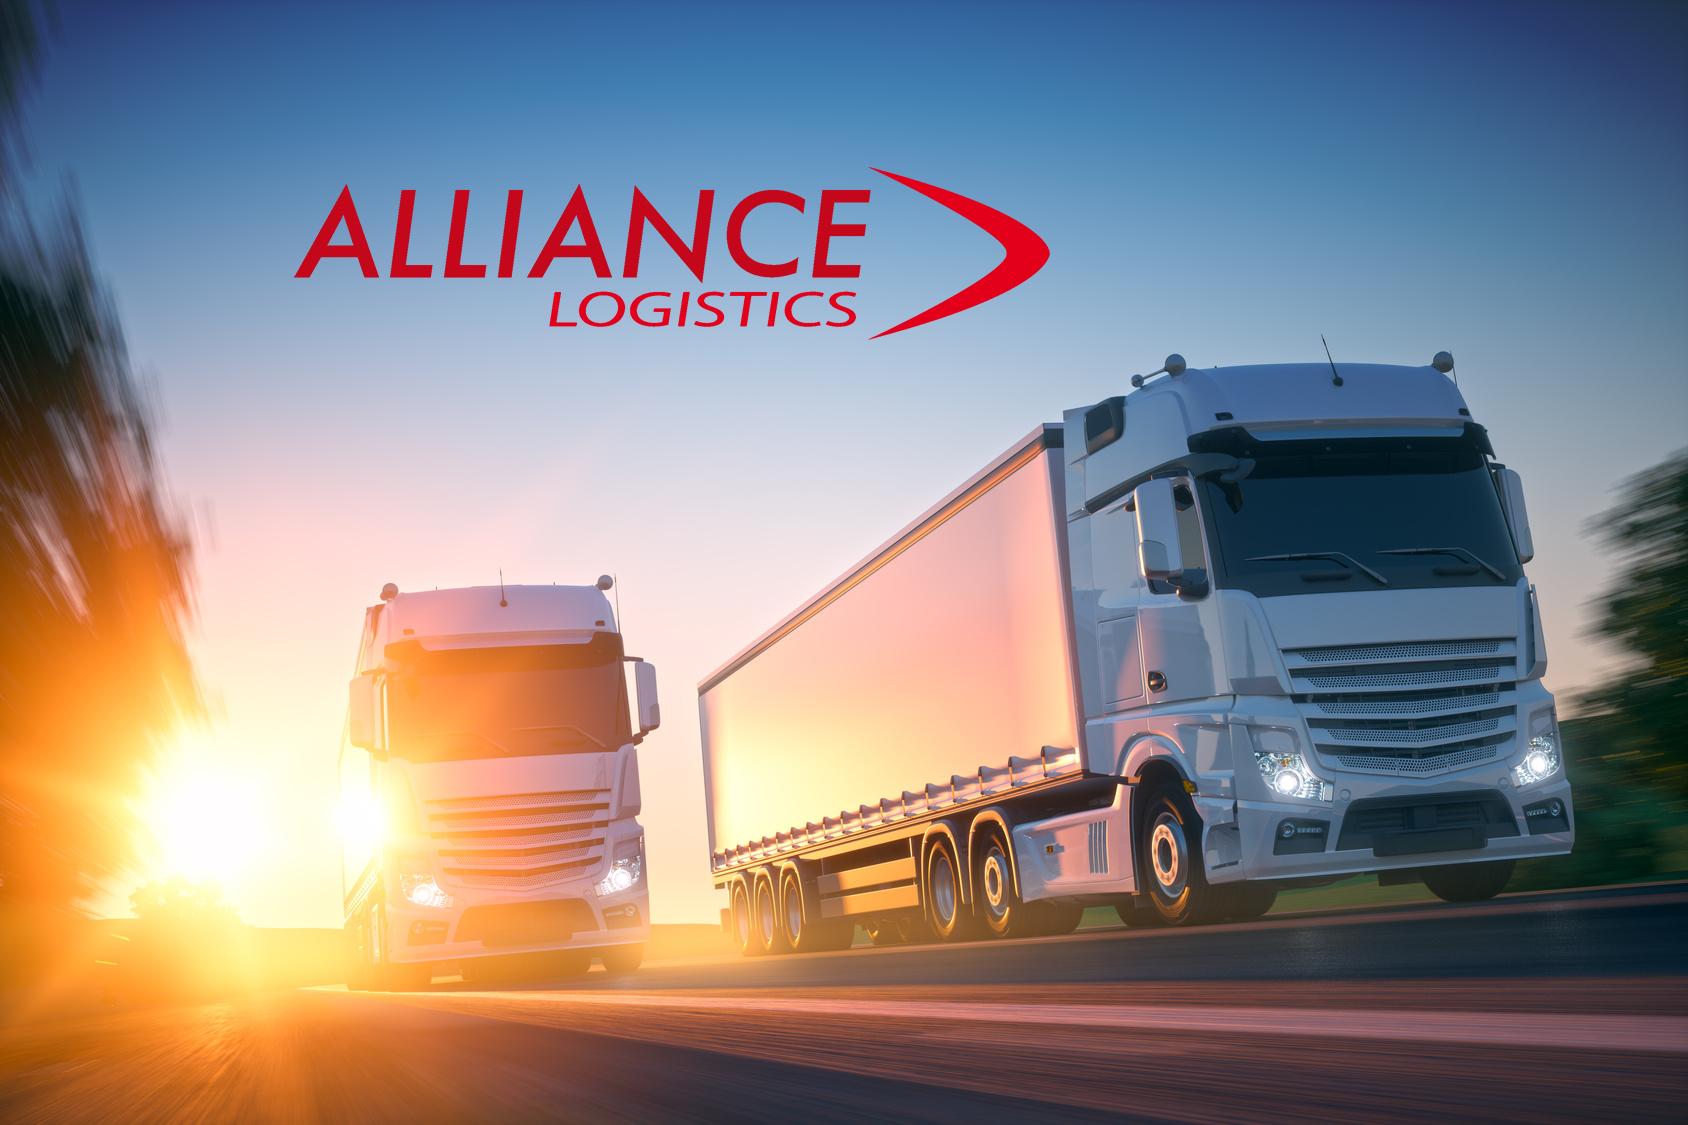 alliance logistics le commissionnaire de transport qui s 39 adapte toutes vos demandes. Black Bedroom Furniture Sets. Home Design Ideas